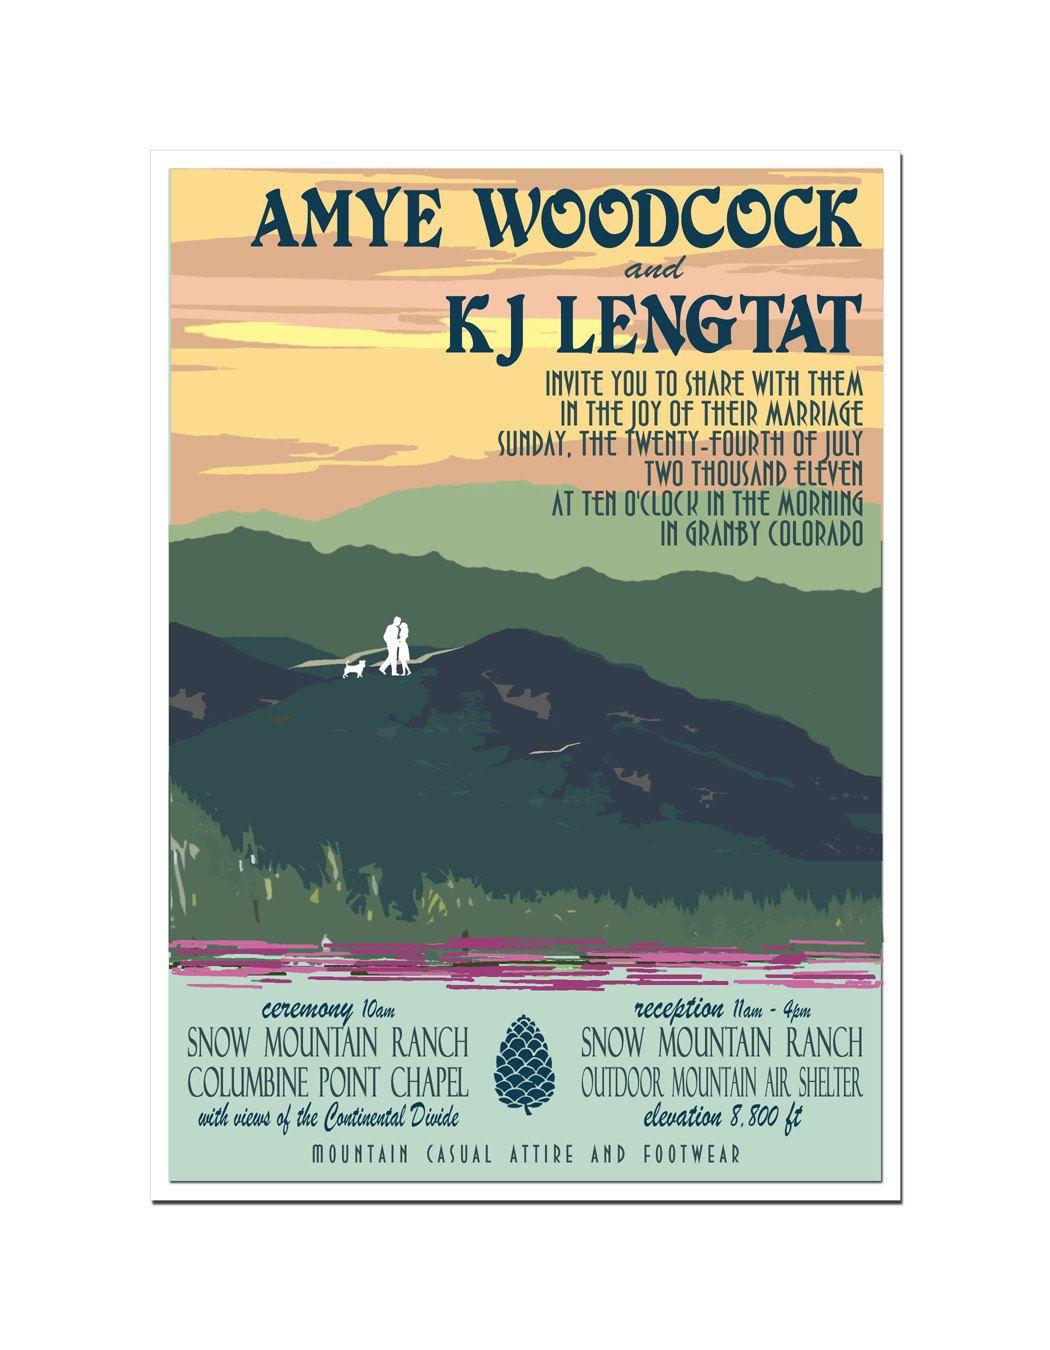 vintage-y poster invitation